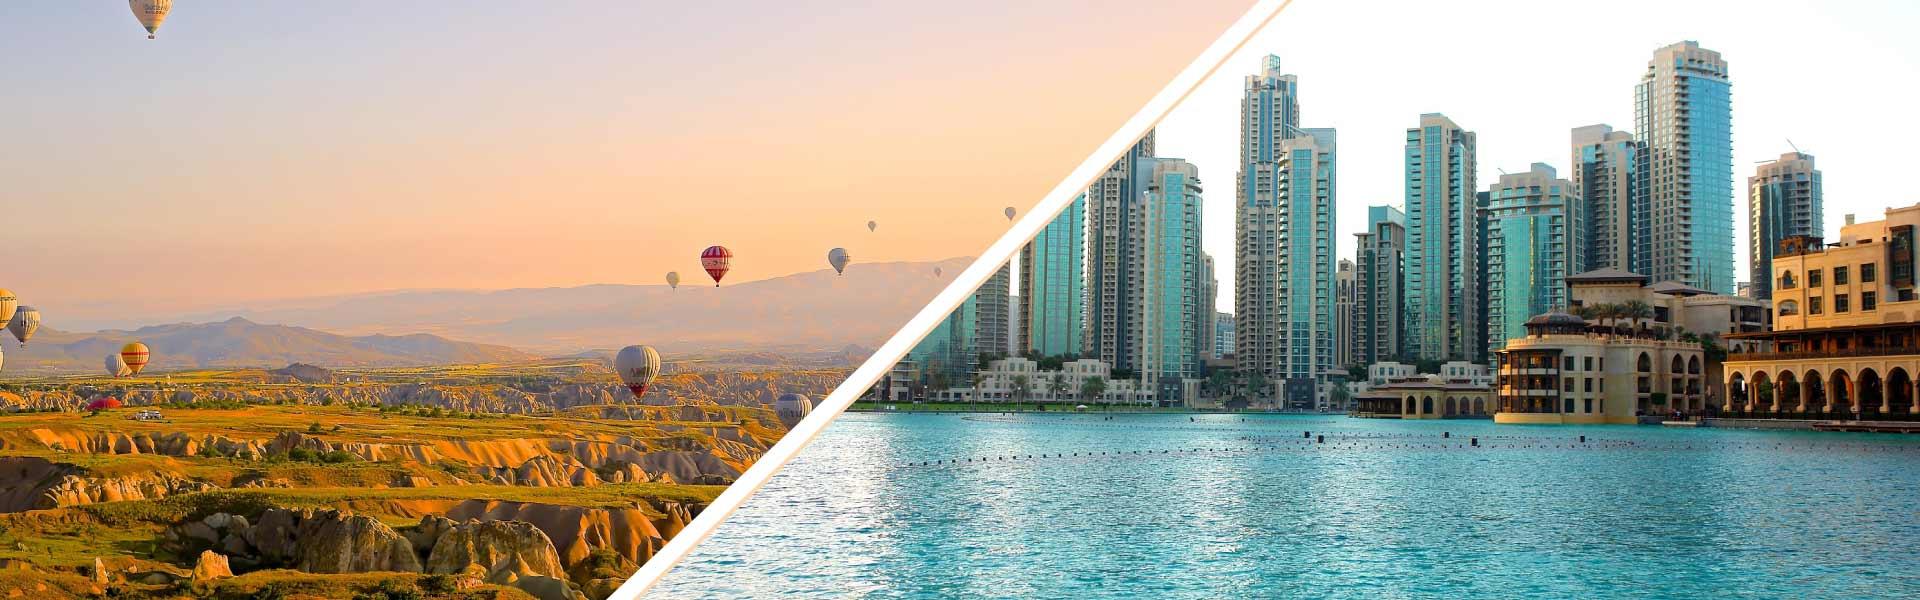 Viaja a Dubái y Turquía